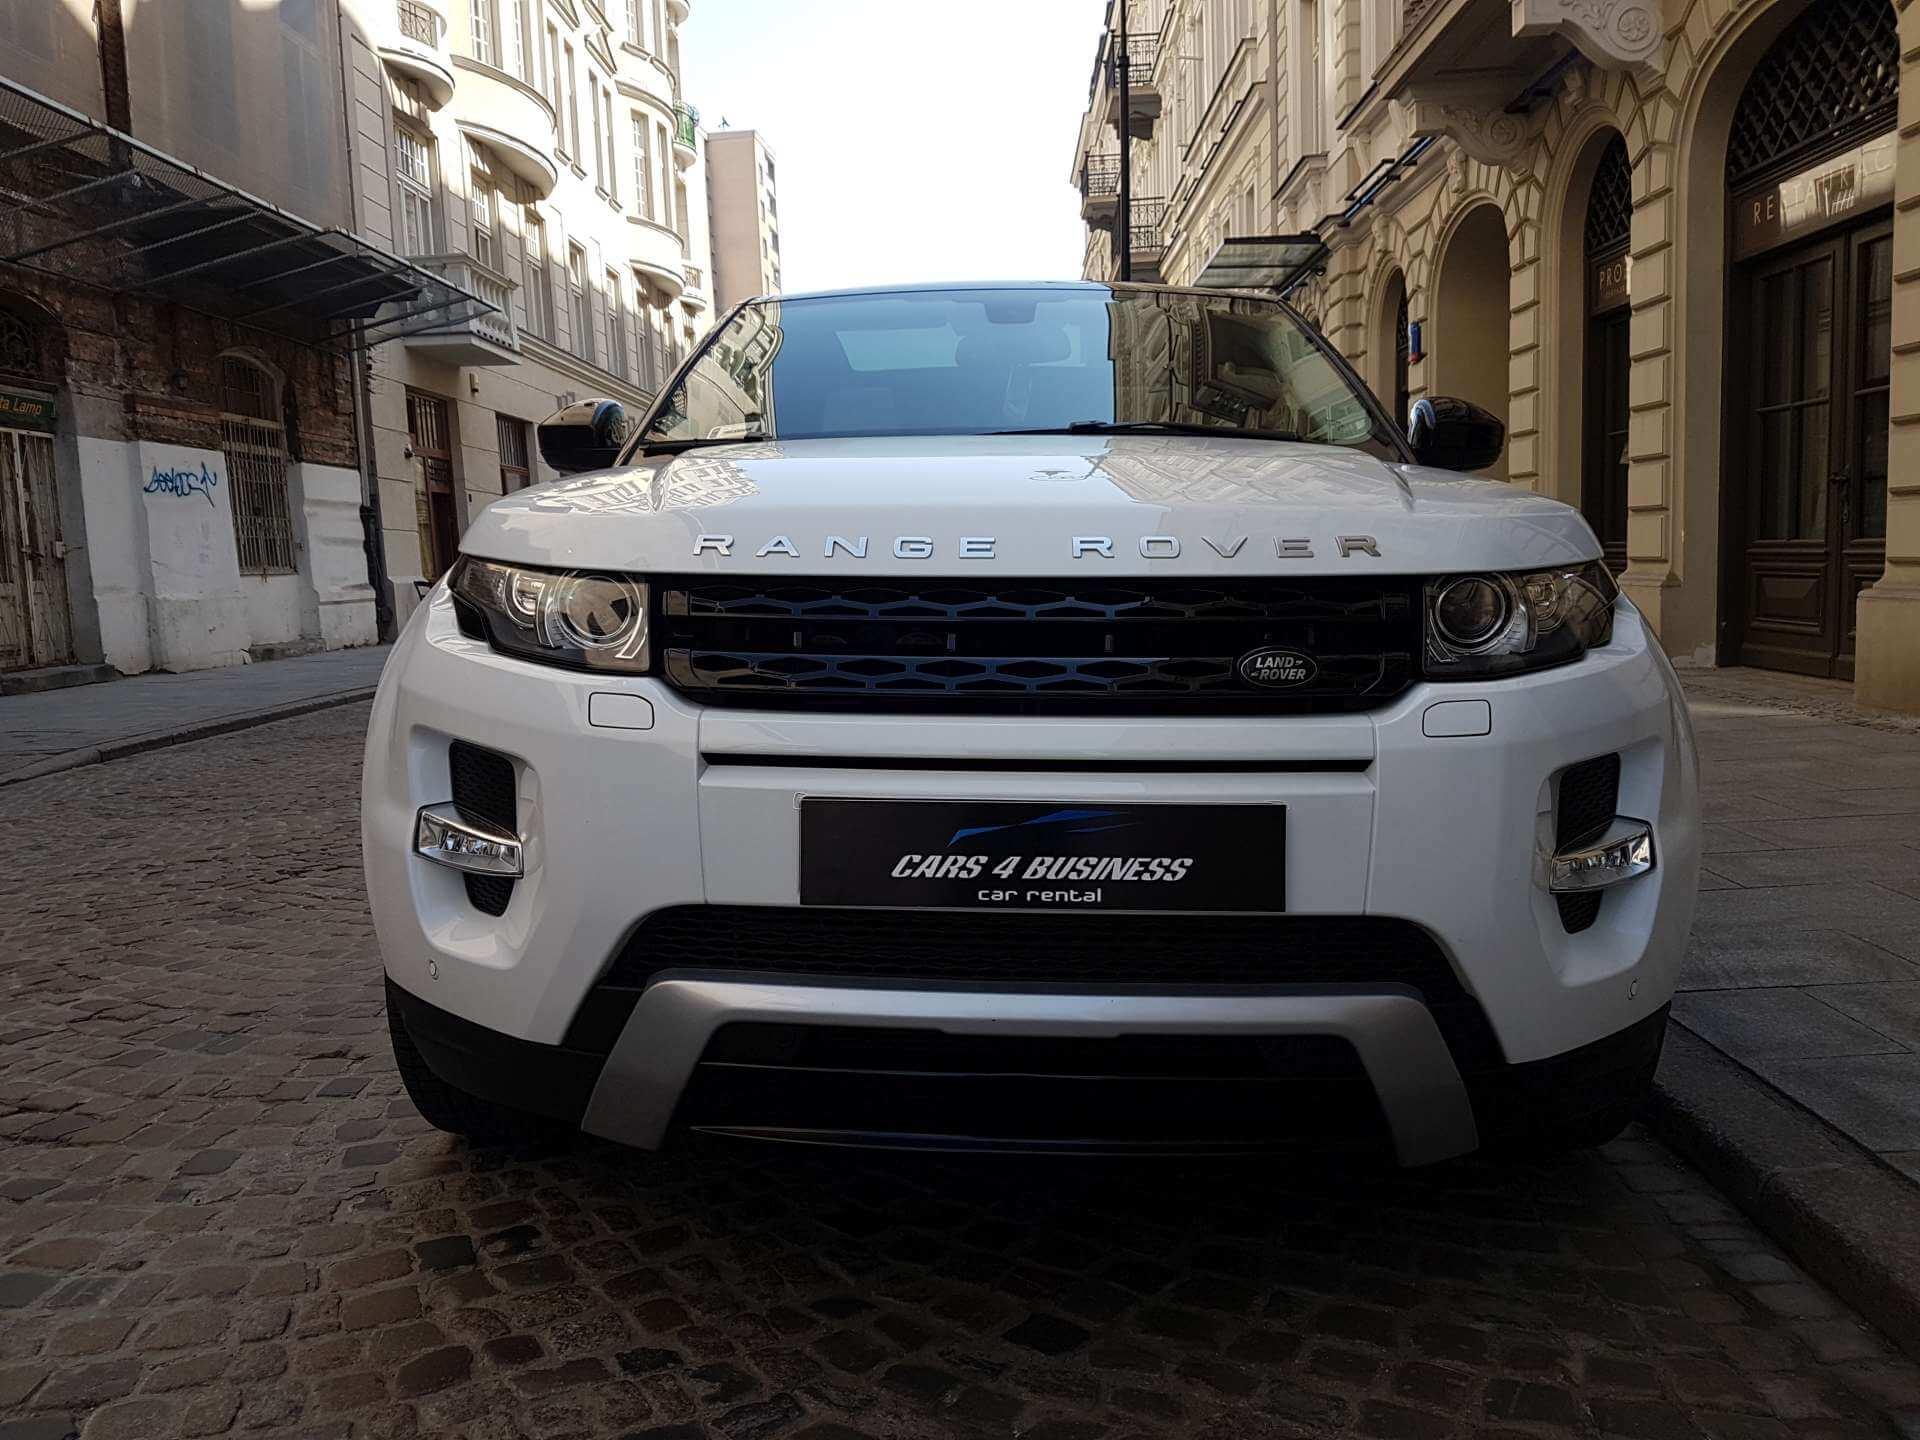 https://cars4business.pl/wp-content/uploads/2018/04/range-rover-veler-cars4buisness-2.jpg